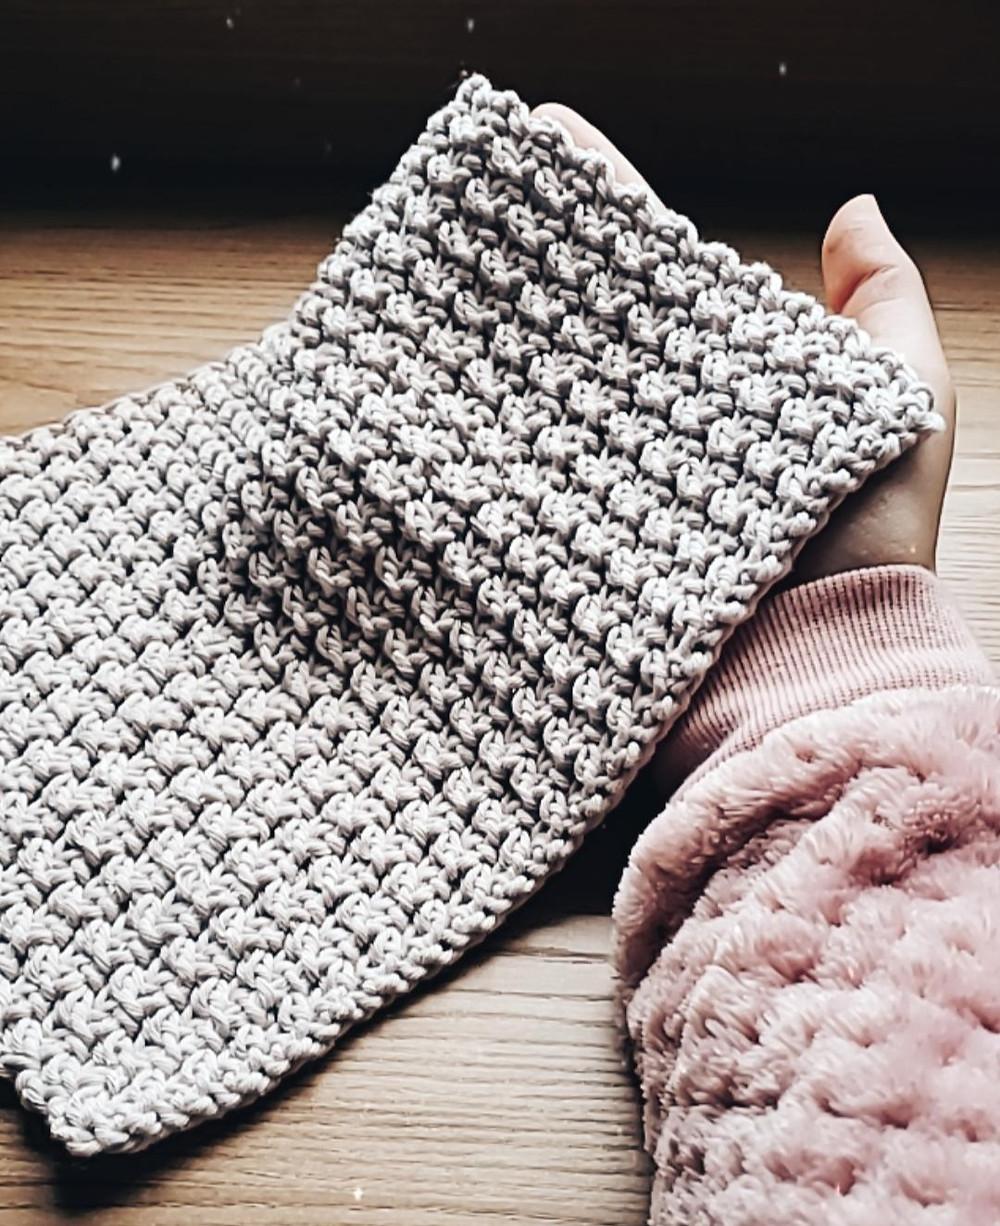 toalha de chá (tea towel) de crochê por Ateliê Ítaca